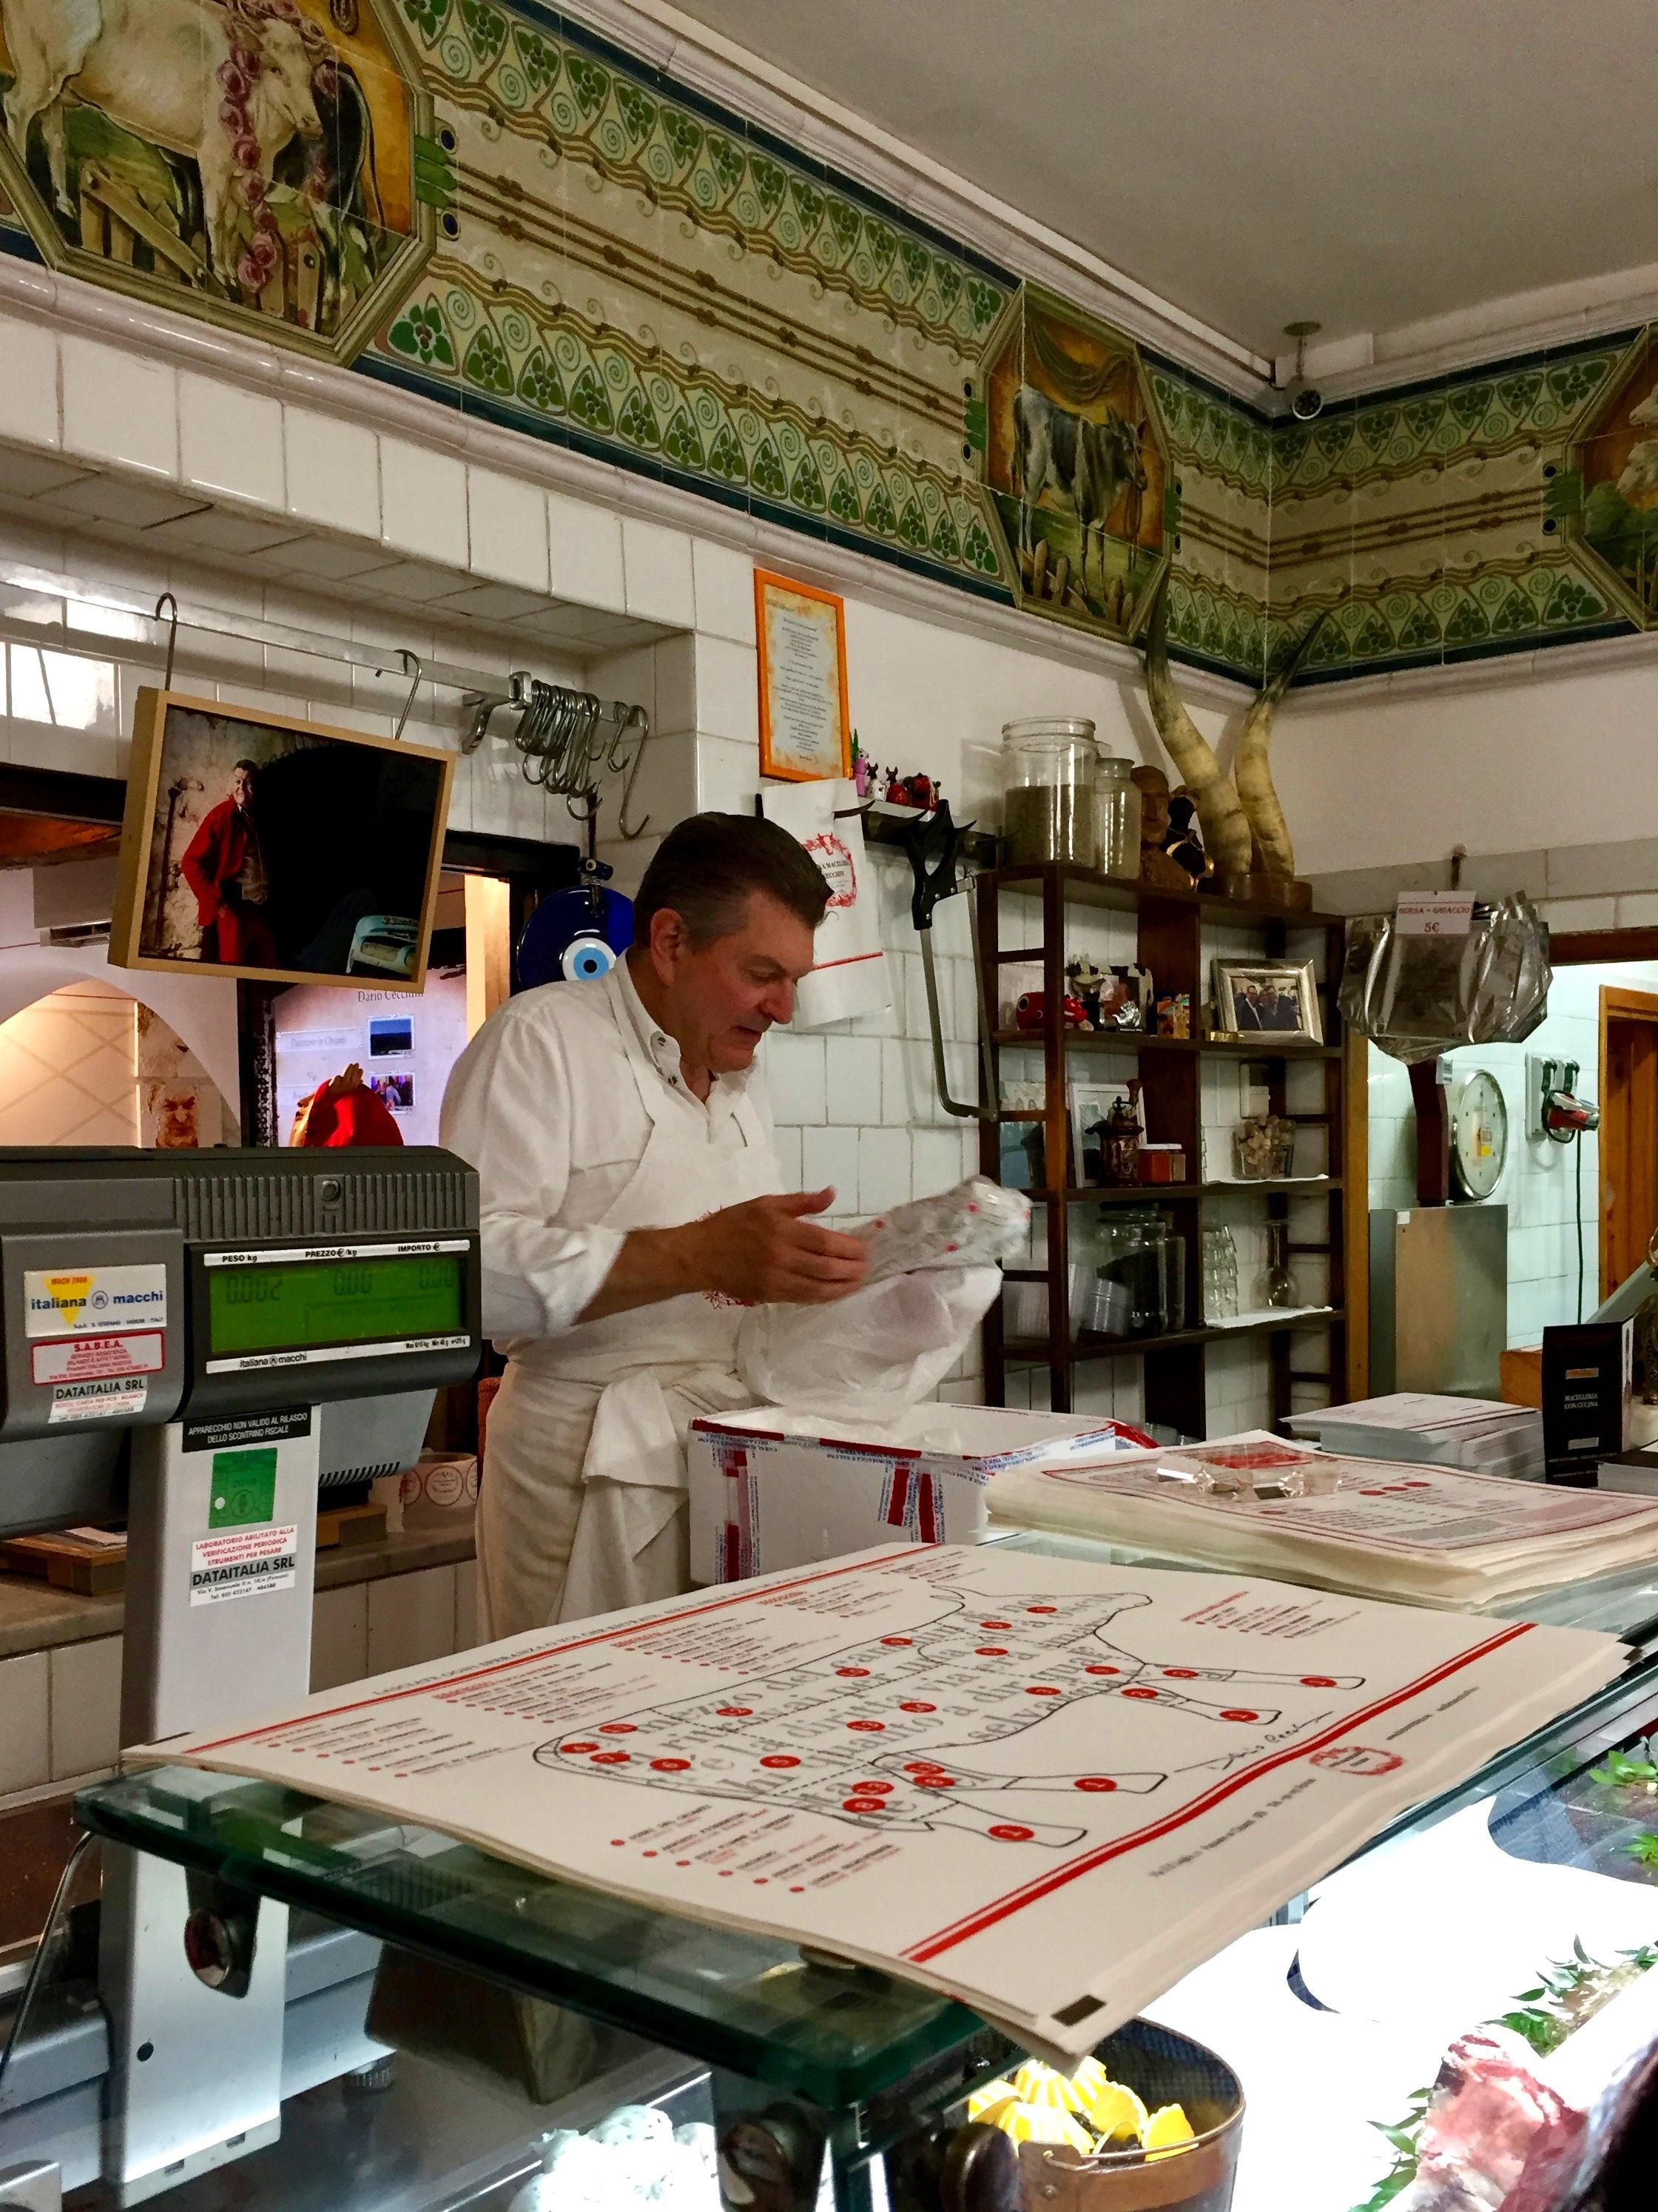 Butcher atelier - Panzano in Chianti